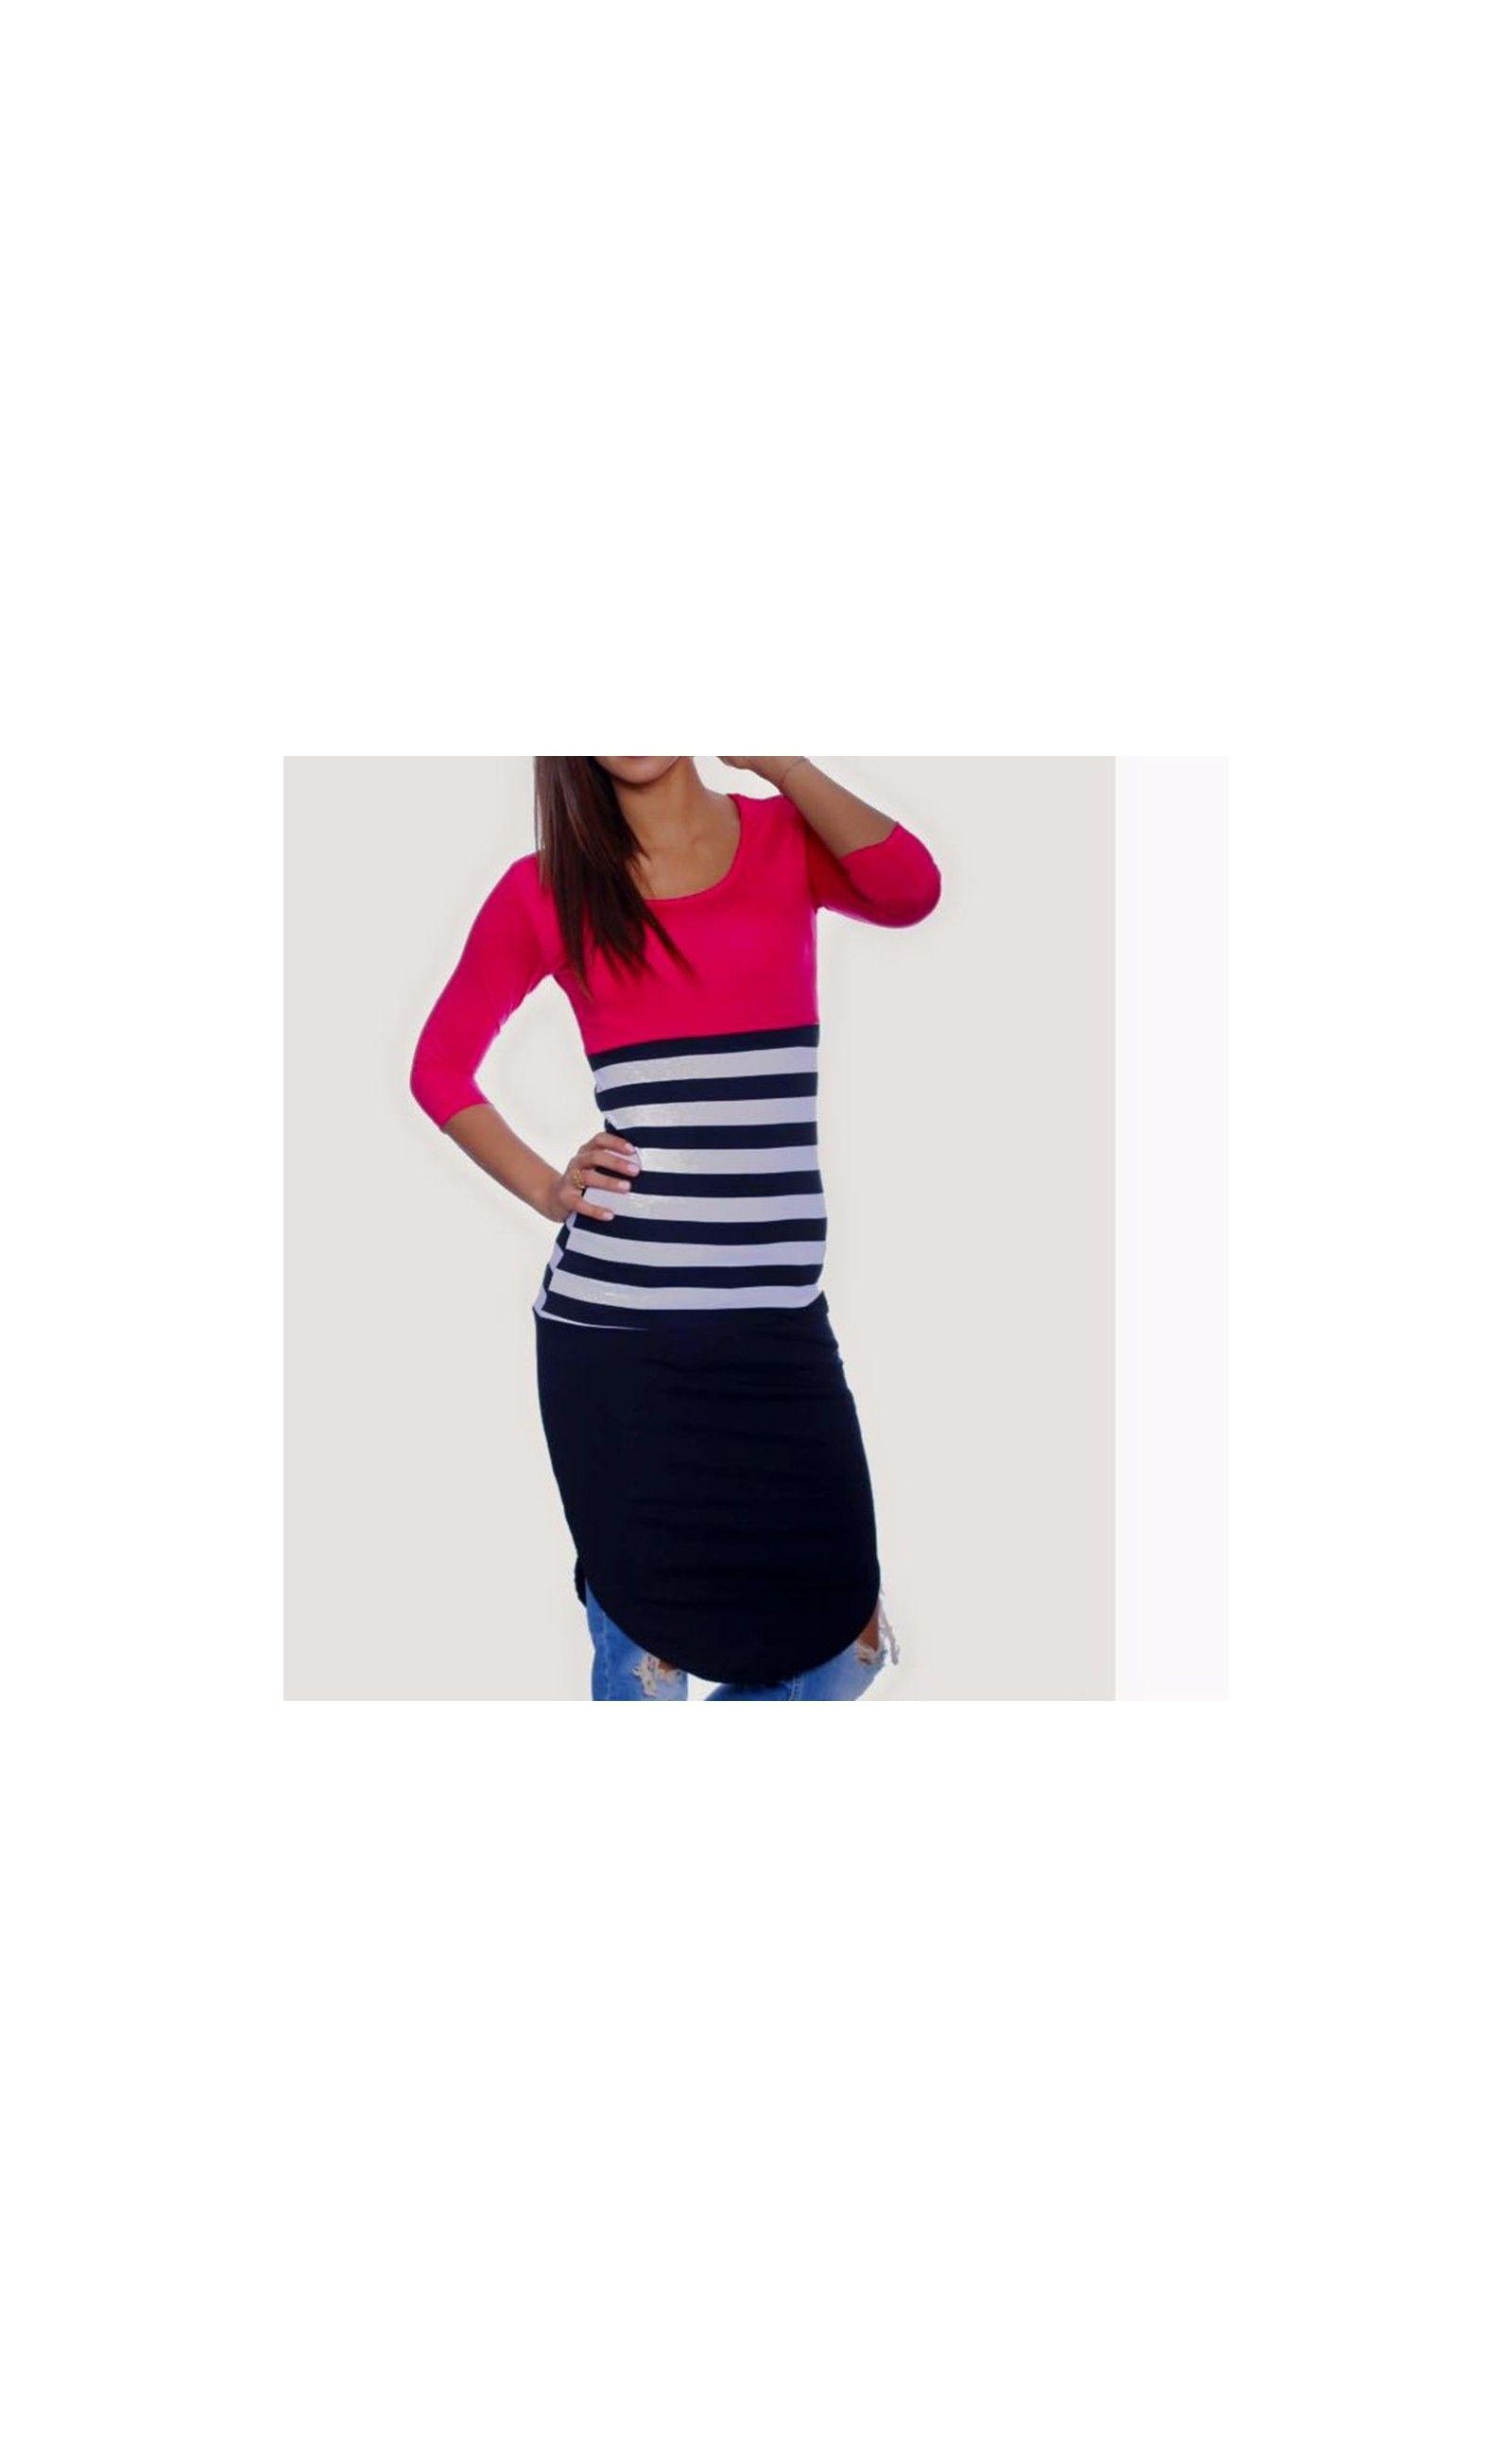 1725171dcc1 Háromnegyedes ujjú ruha, 3/4 es ujjú ruha magenta fekete színű ruhák ...